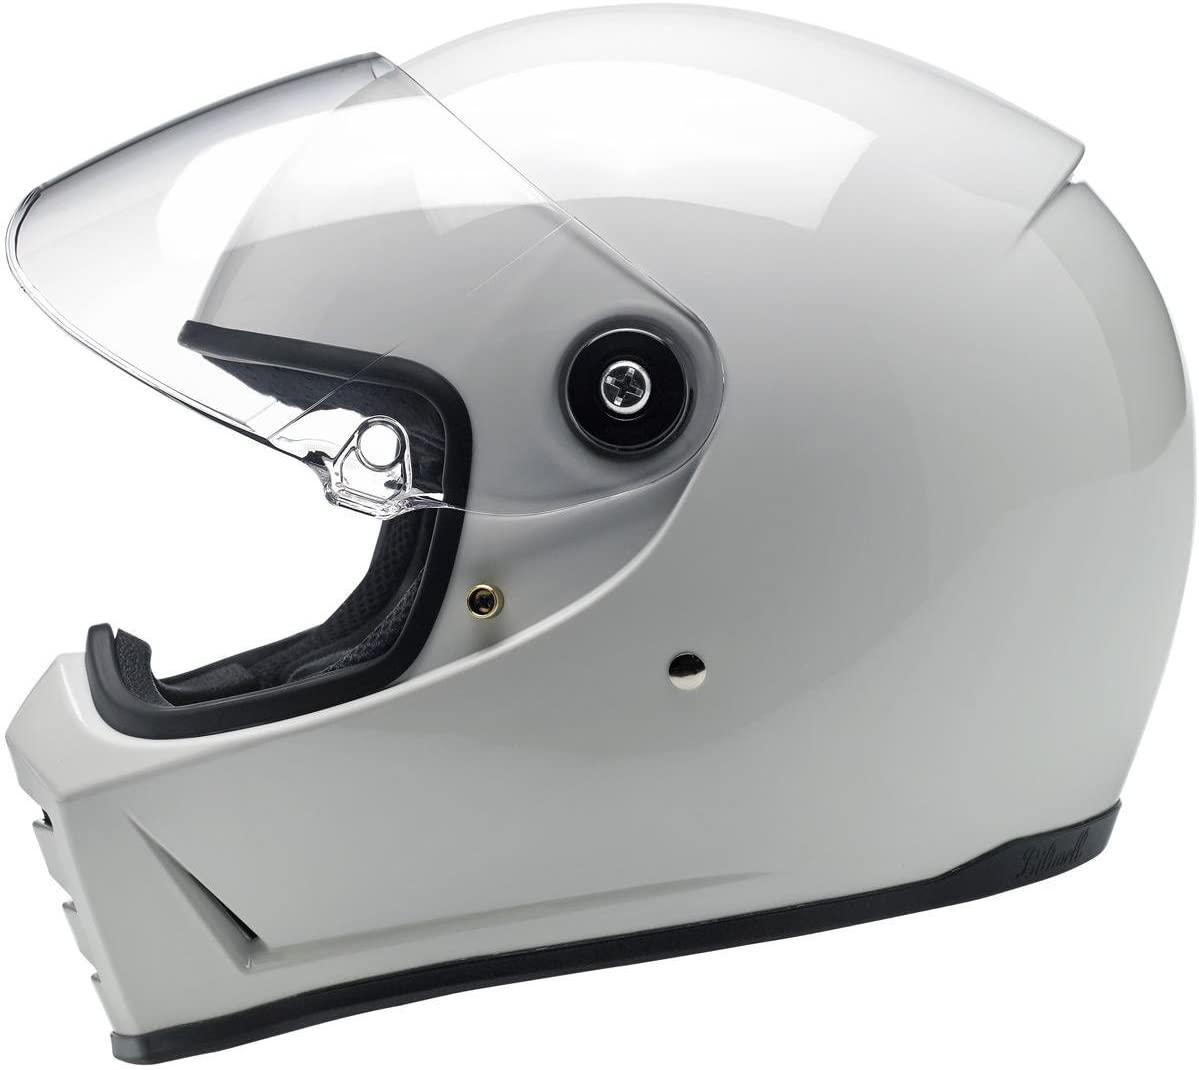 Biltwell Lane Splitter Helmet - Gloss White (XX-Large)